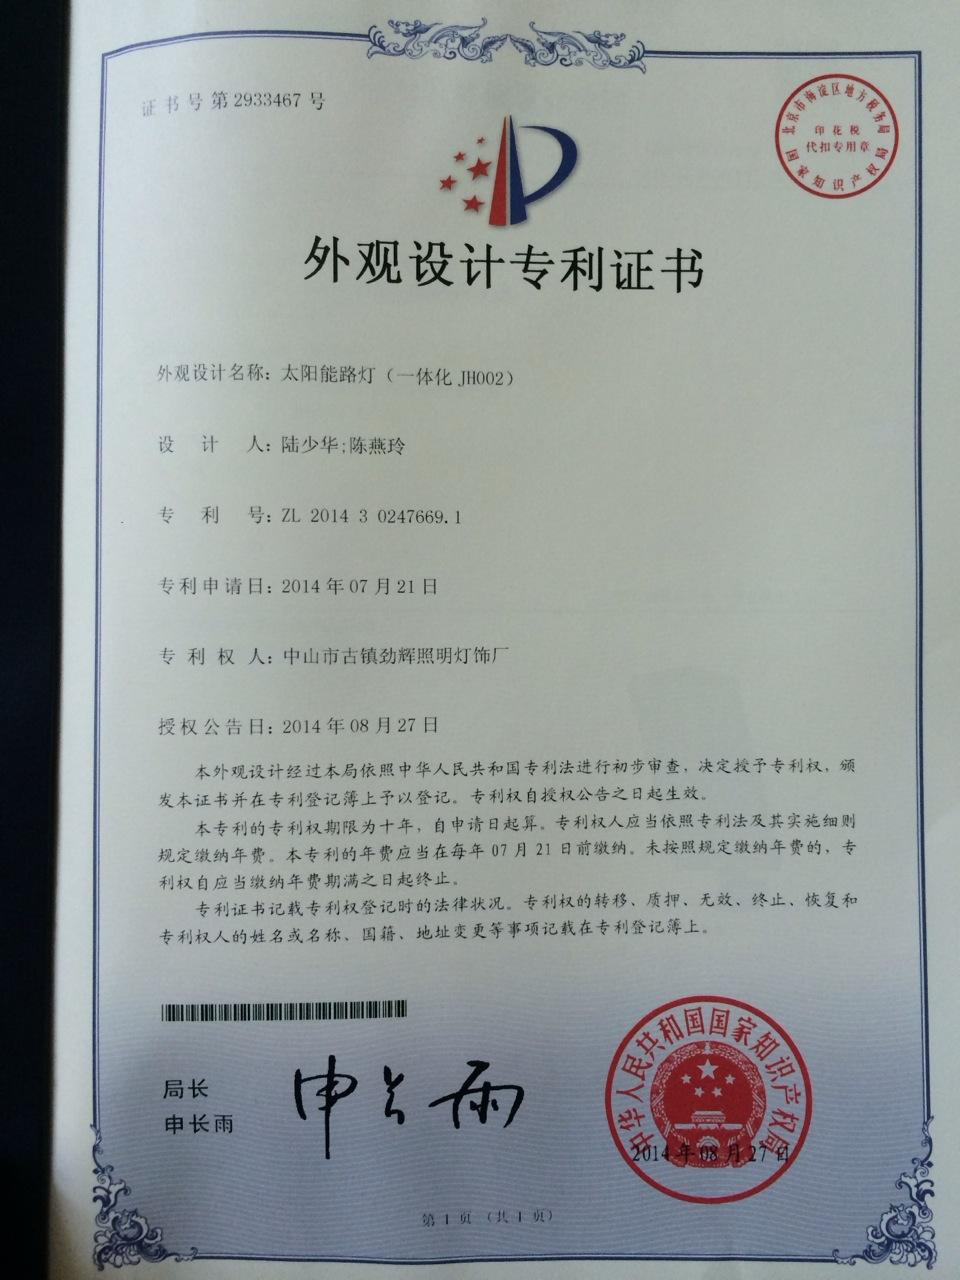 劲辉 产品专利02